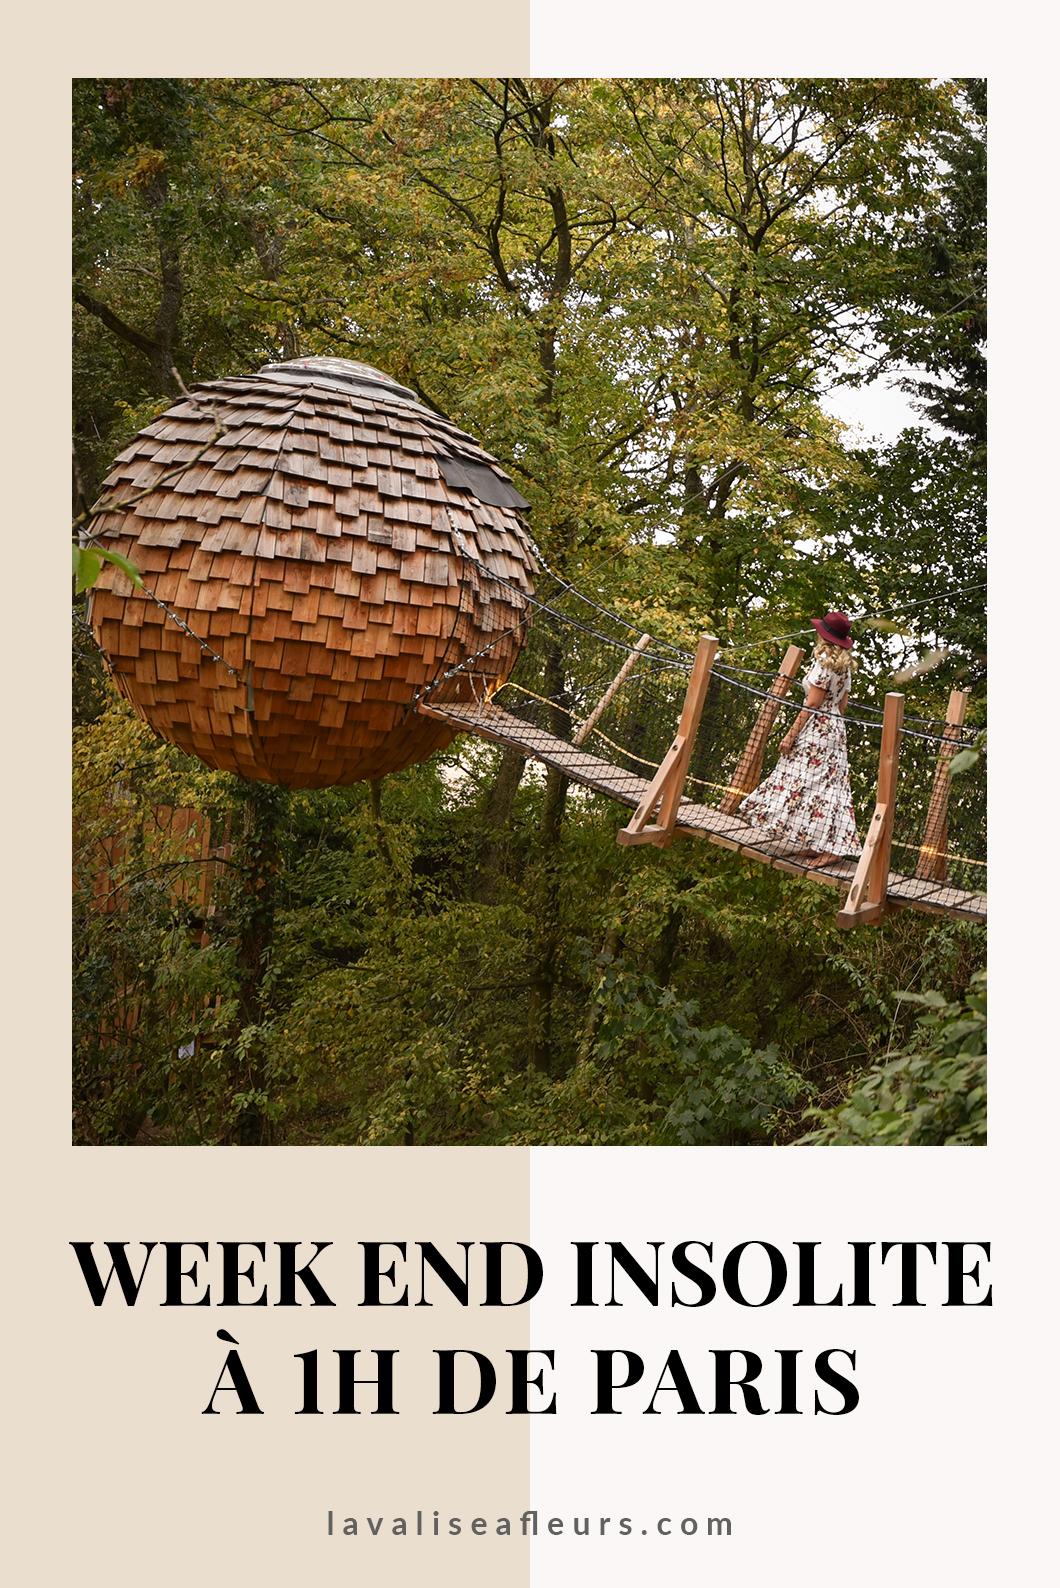 Week end insolite à 1h de Paris dans une cabane dans les arbres